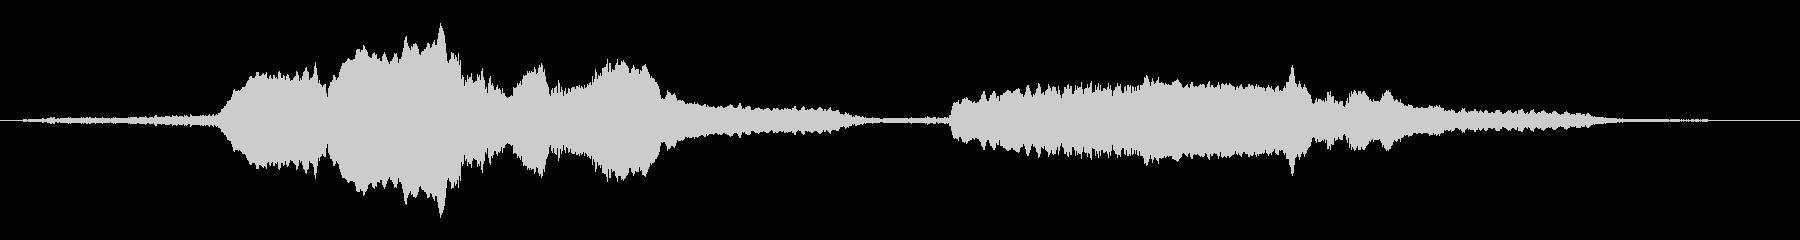 朗読・証言用のBGM 緩やかなバイオリンの未再生の波形